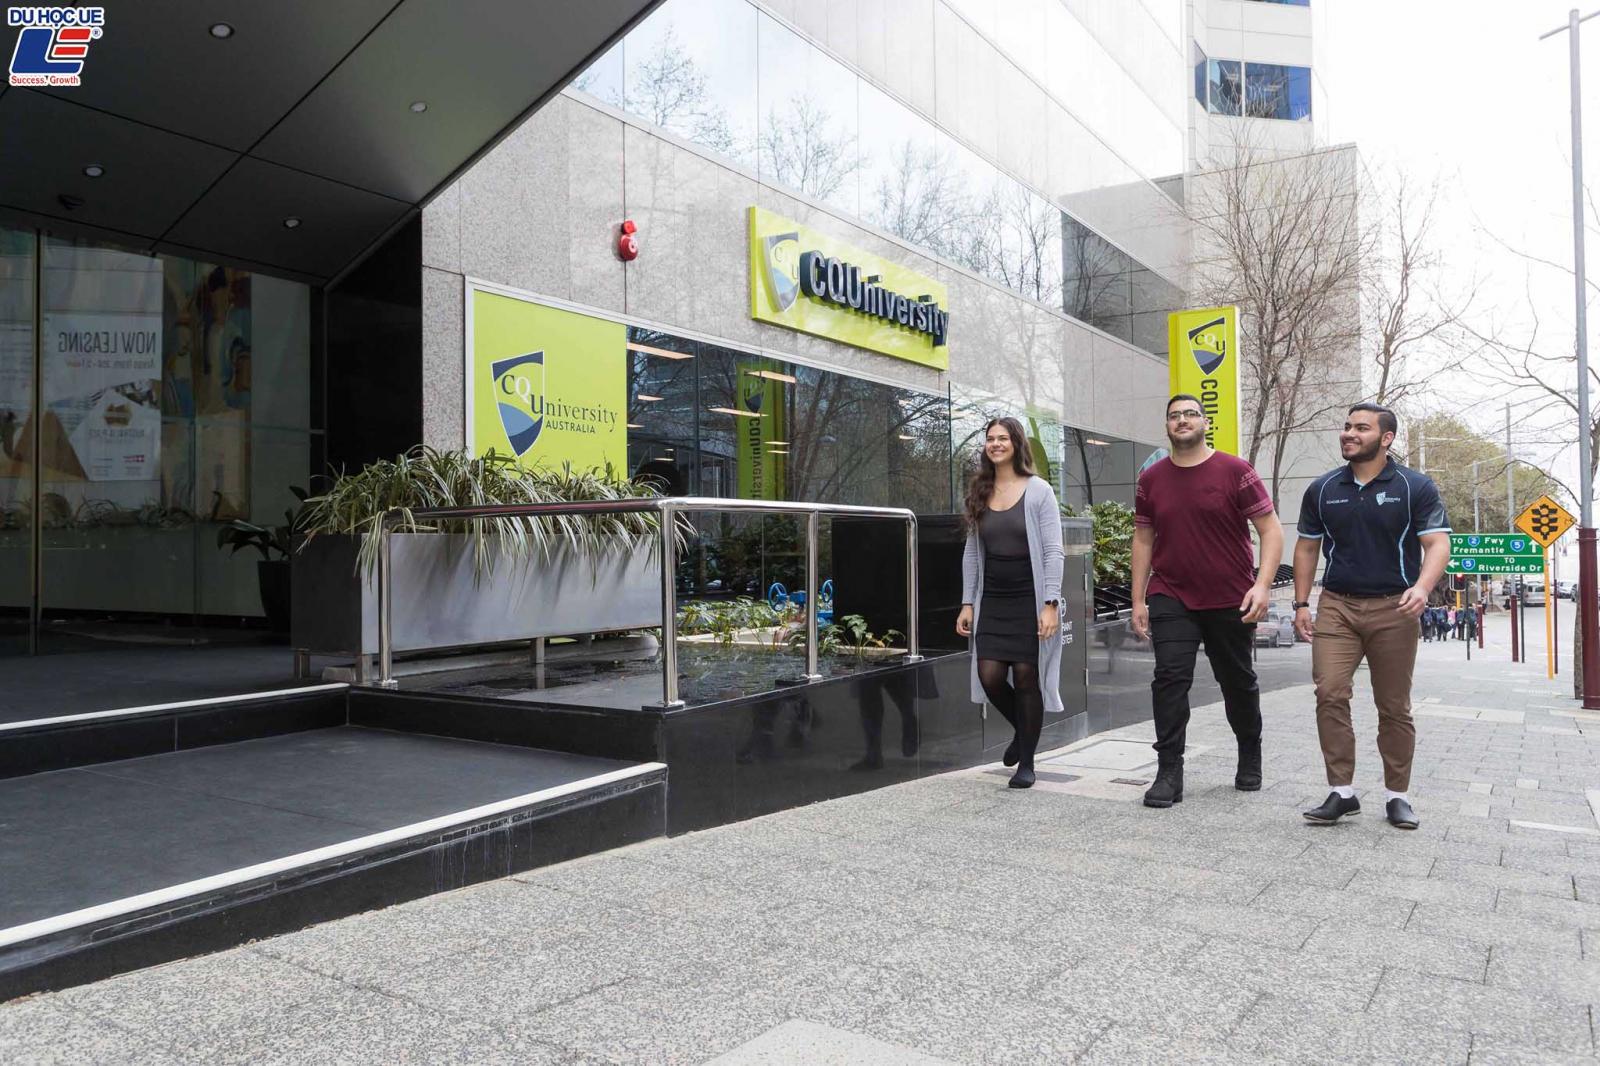 Sở hữu ngay học bổng úc 25% từ Central Queensland University (CQU) 2